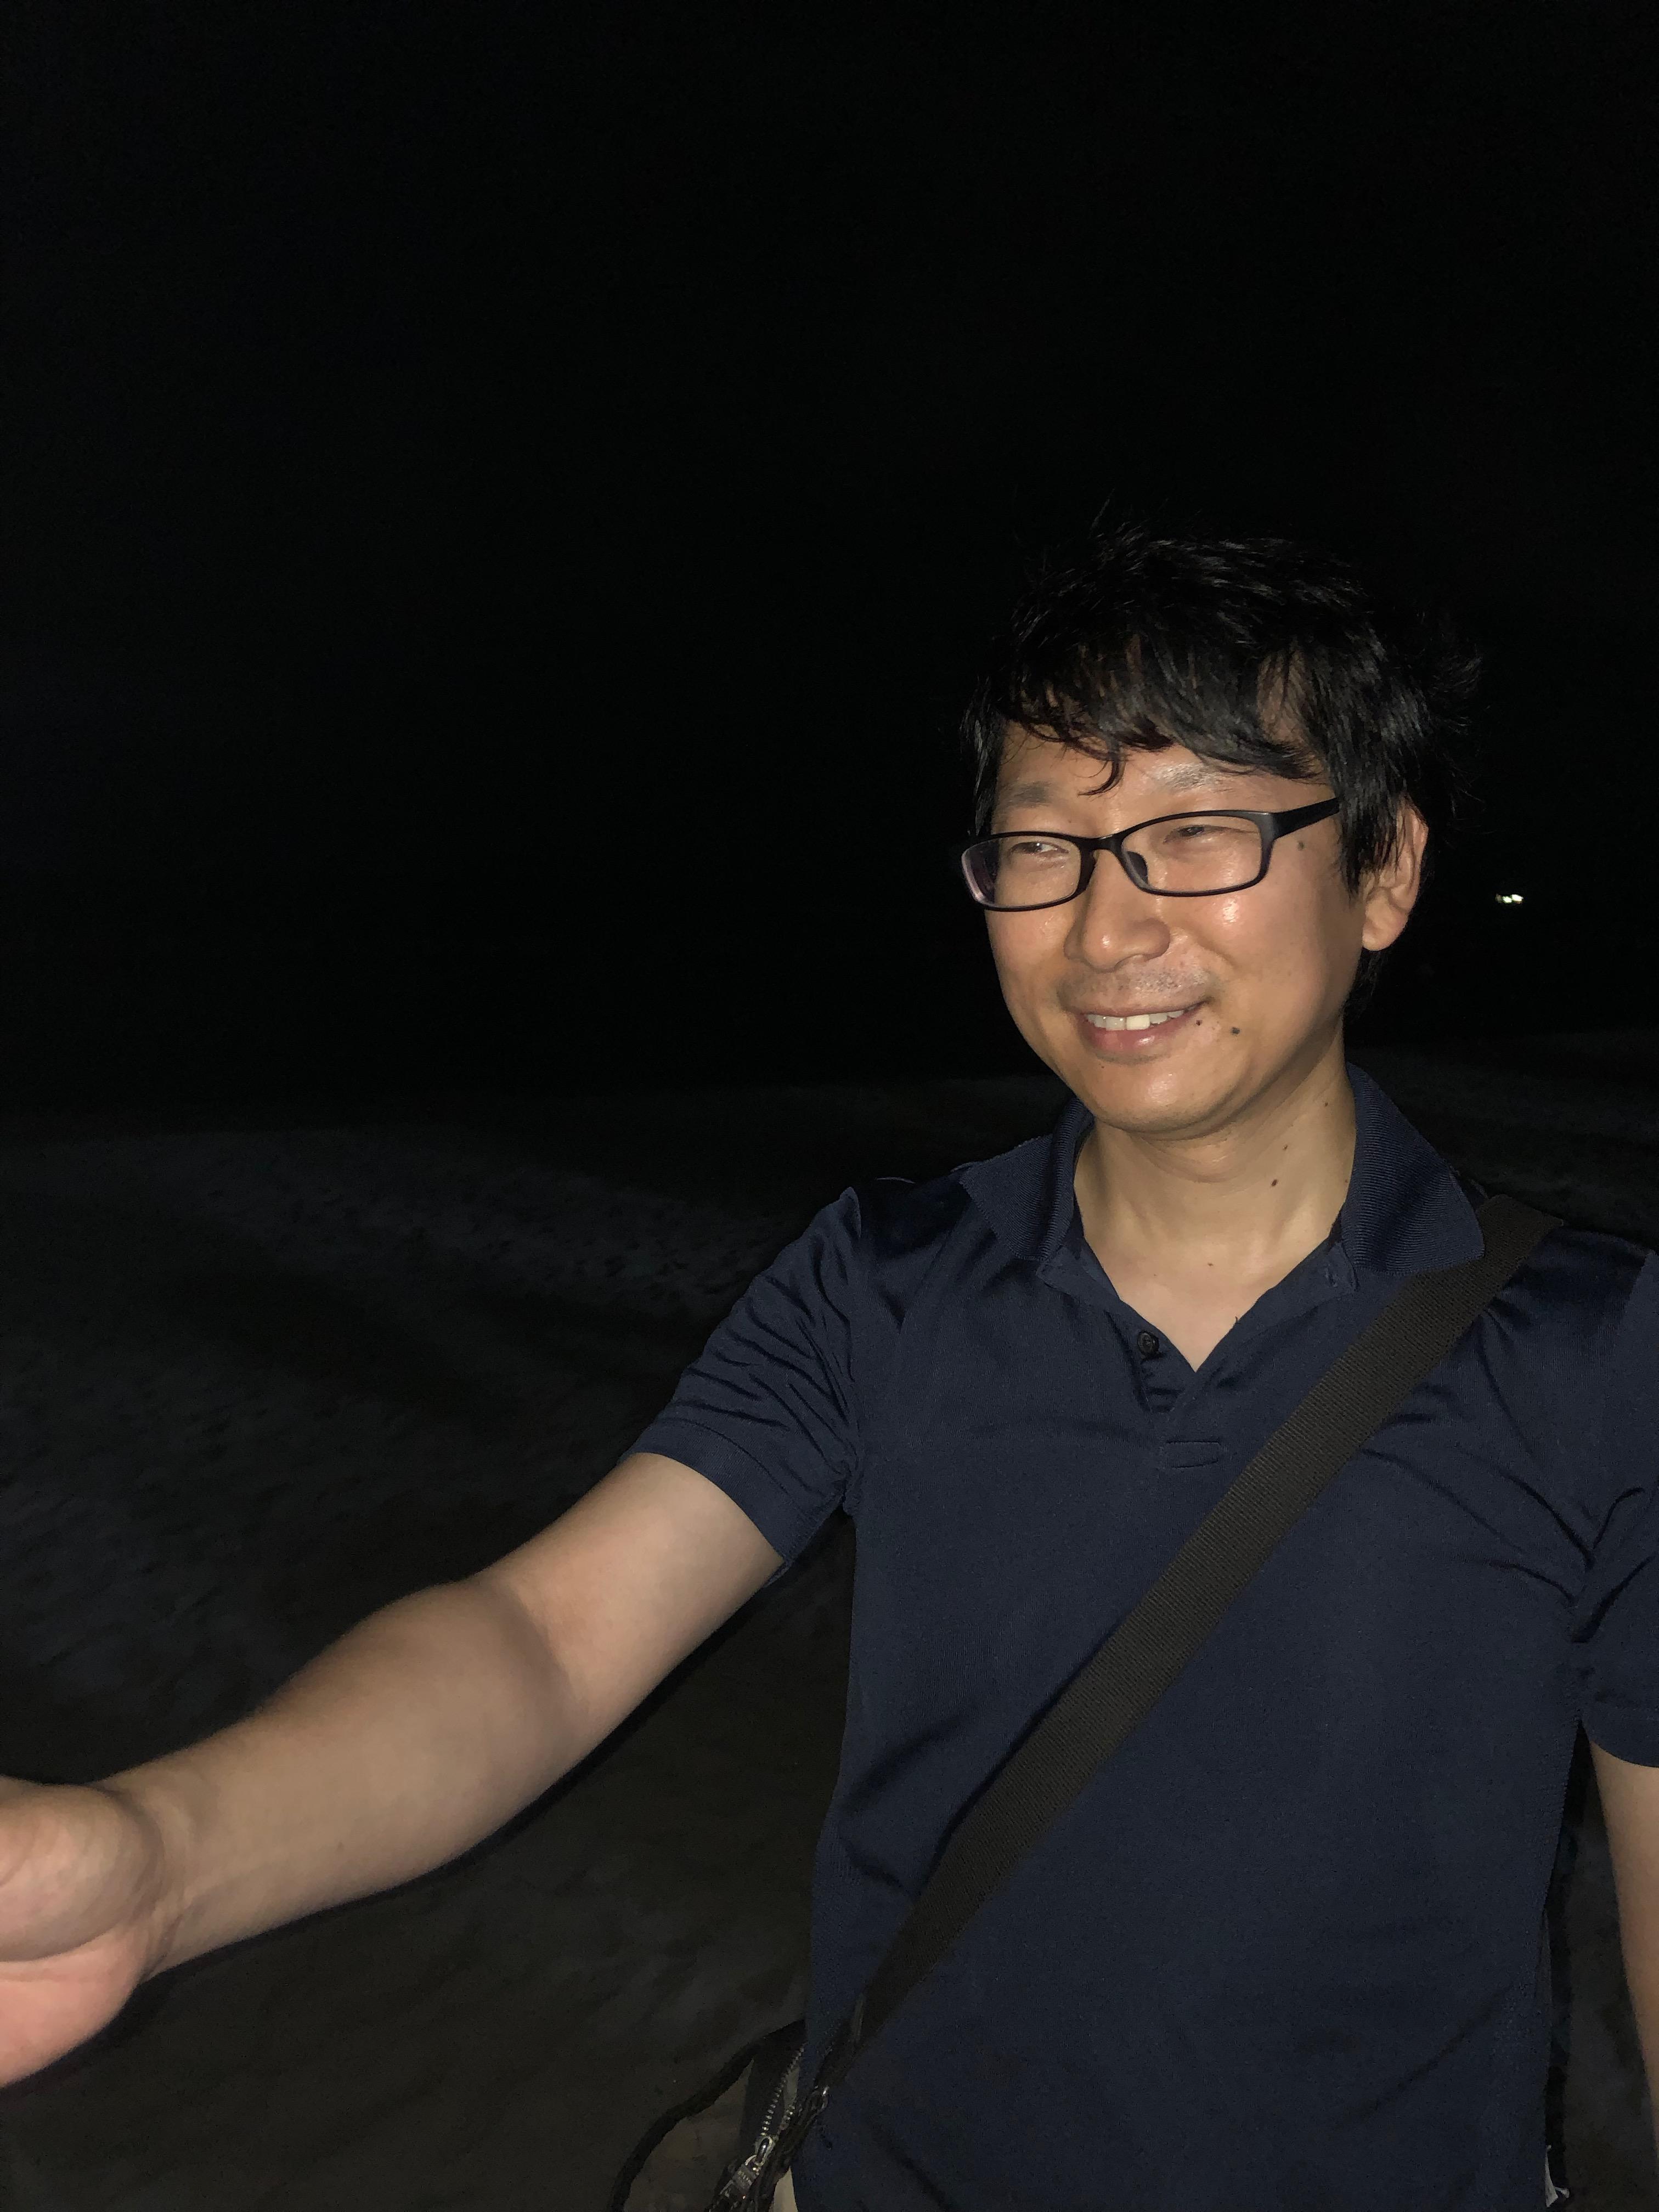 塚本先生の満面の笑み